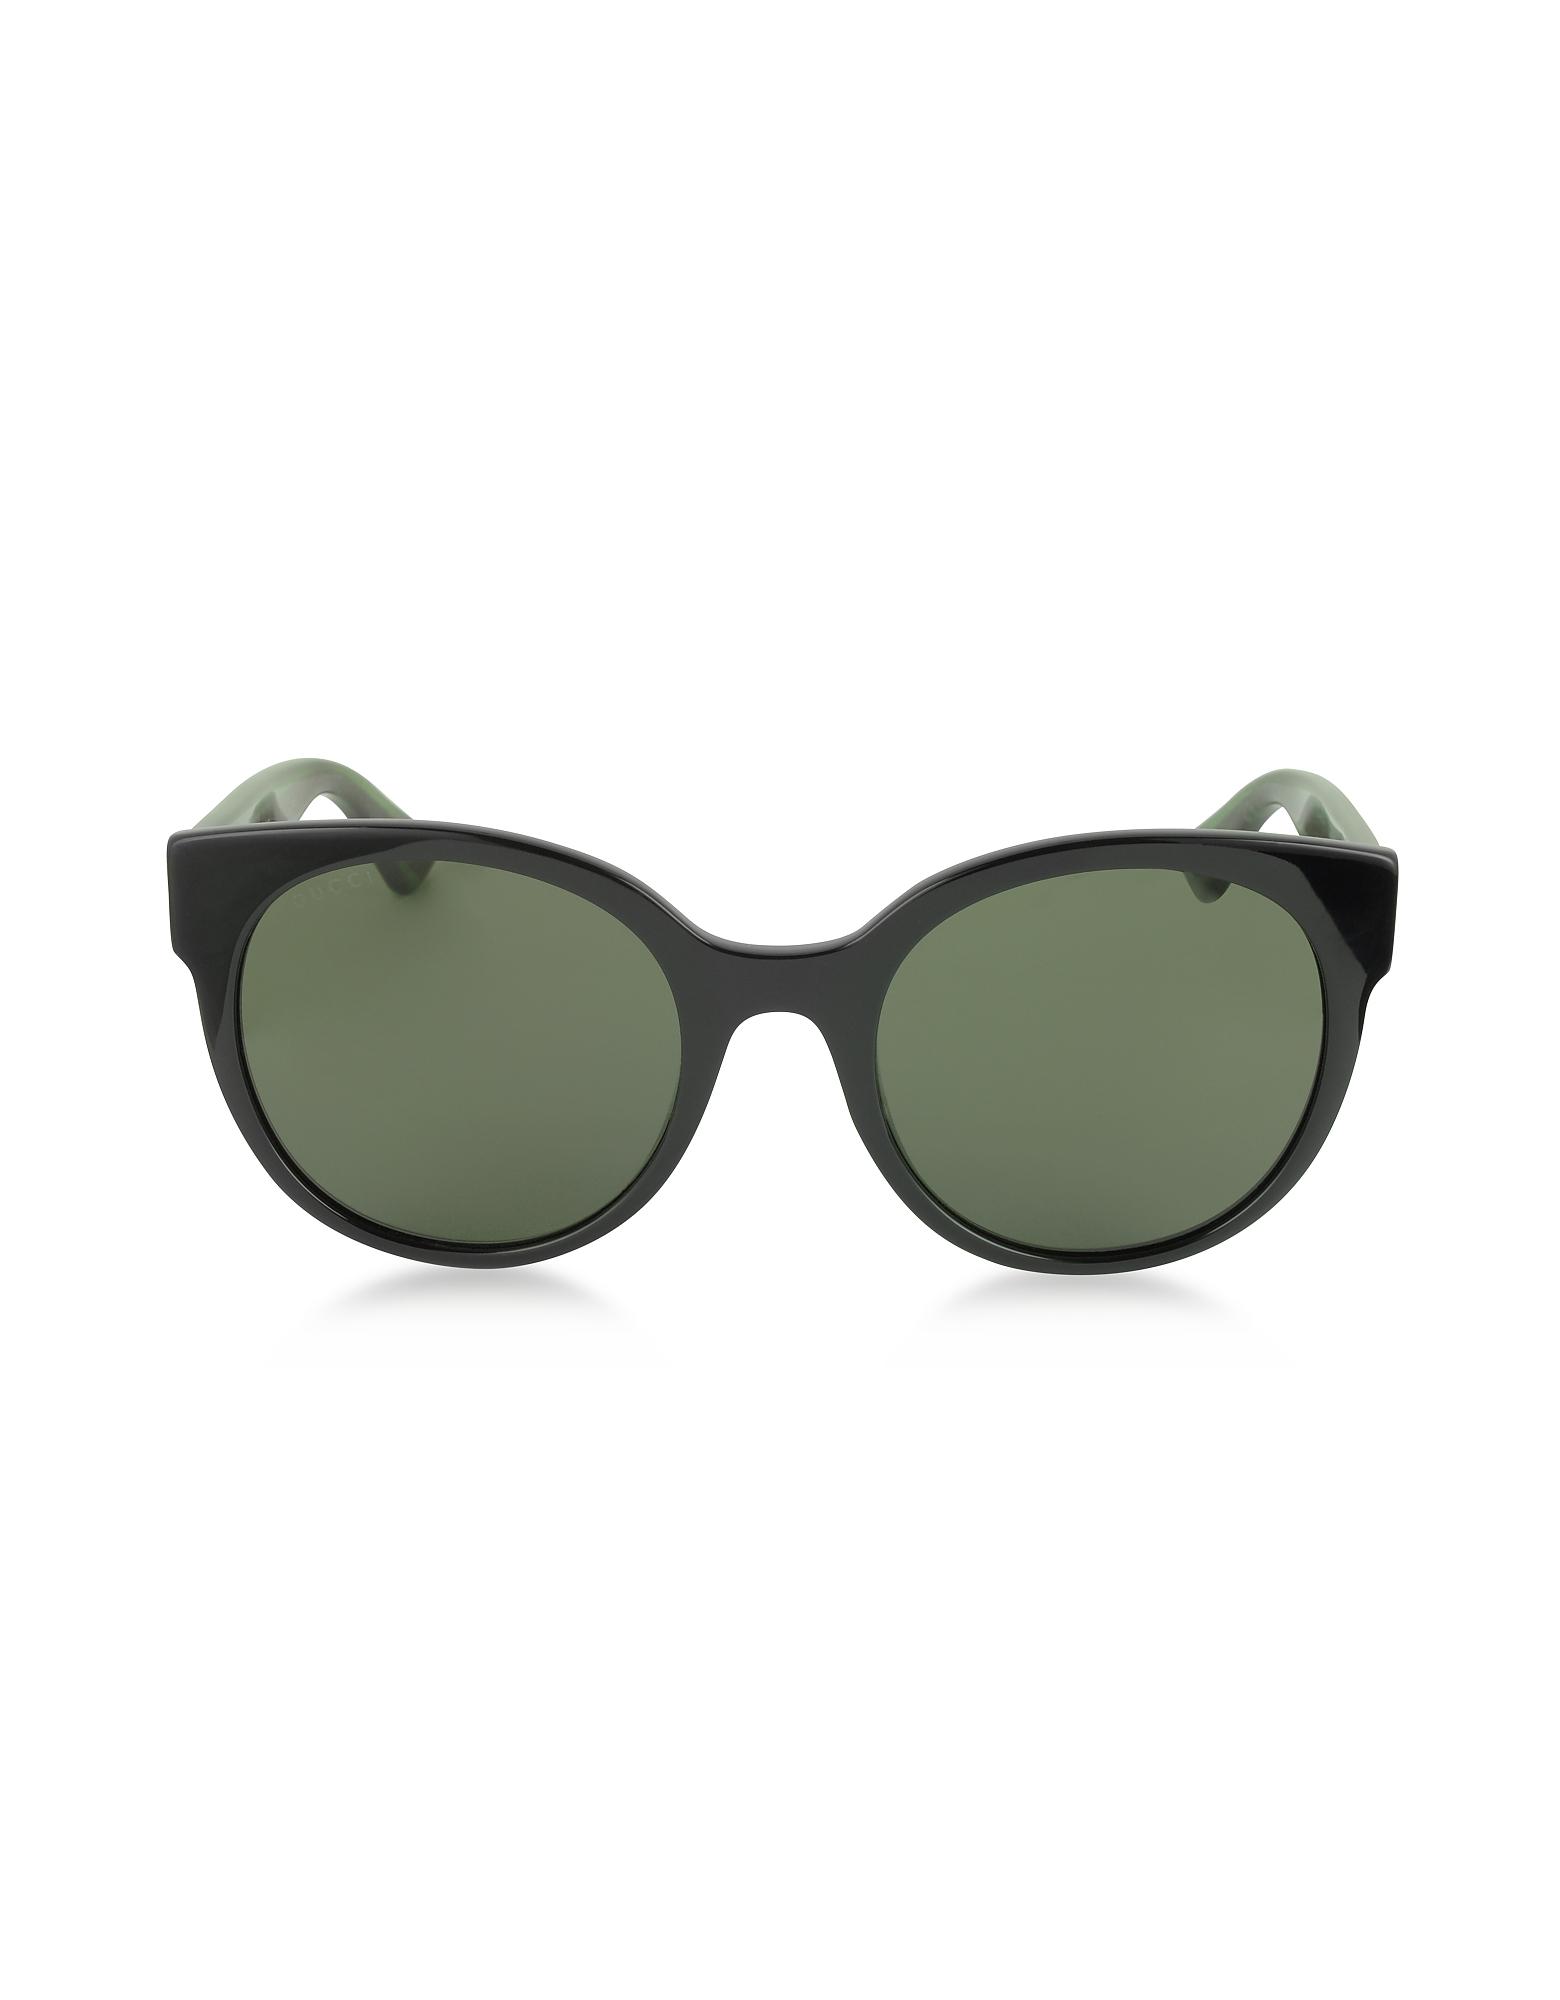 GG0035S 002 - Черные Круглые Оптиловые Женские Солнечные Очки с Красно-Зелеными Блестящими Дужками